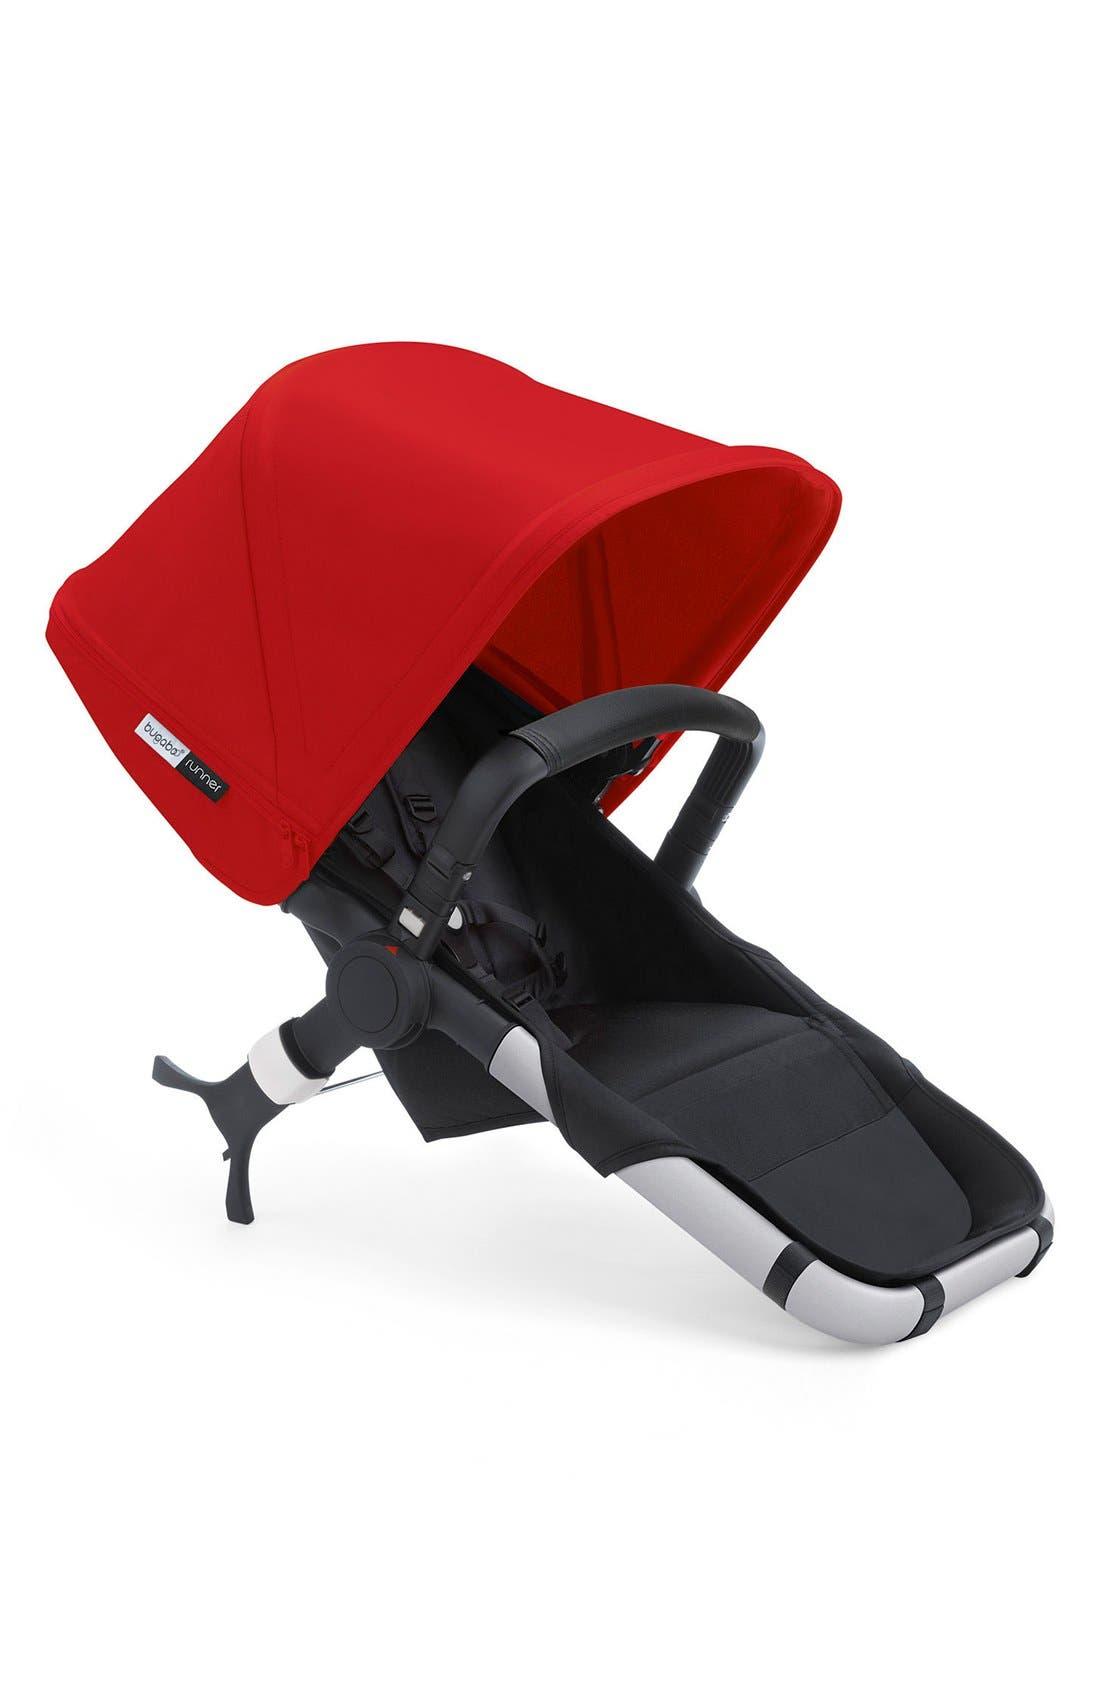 Runner Seat for Bugaboo Runner Stroller,                         Main,                         color, BLACK/ RED